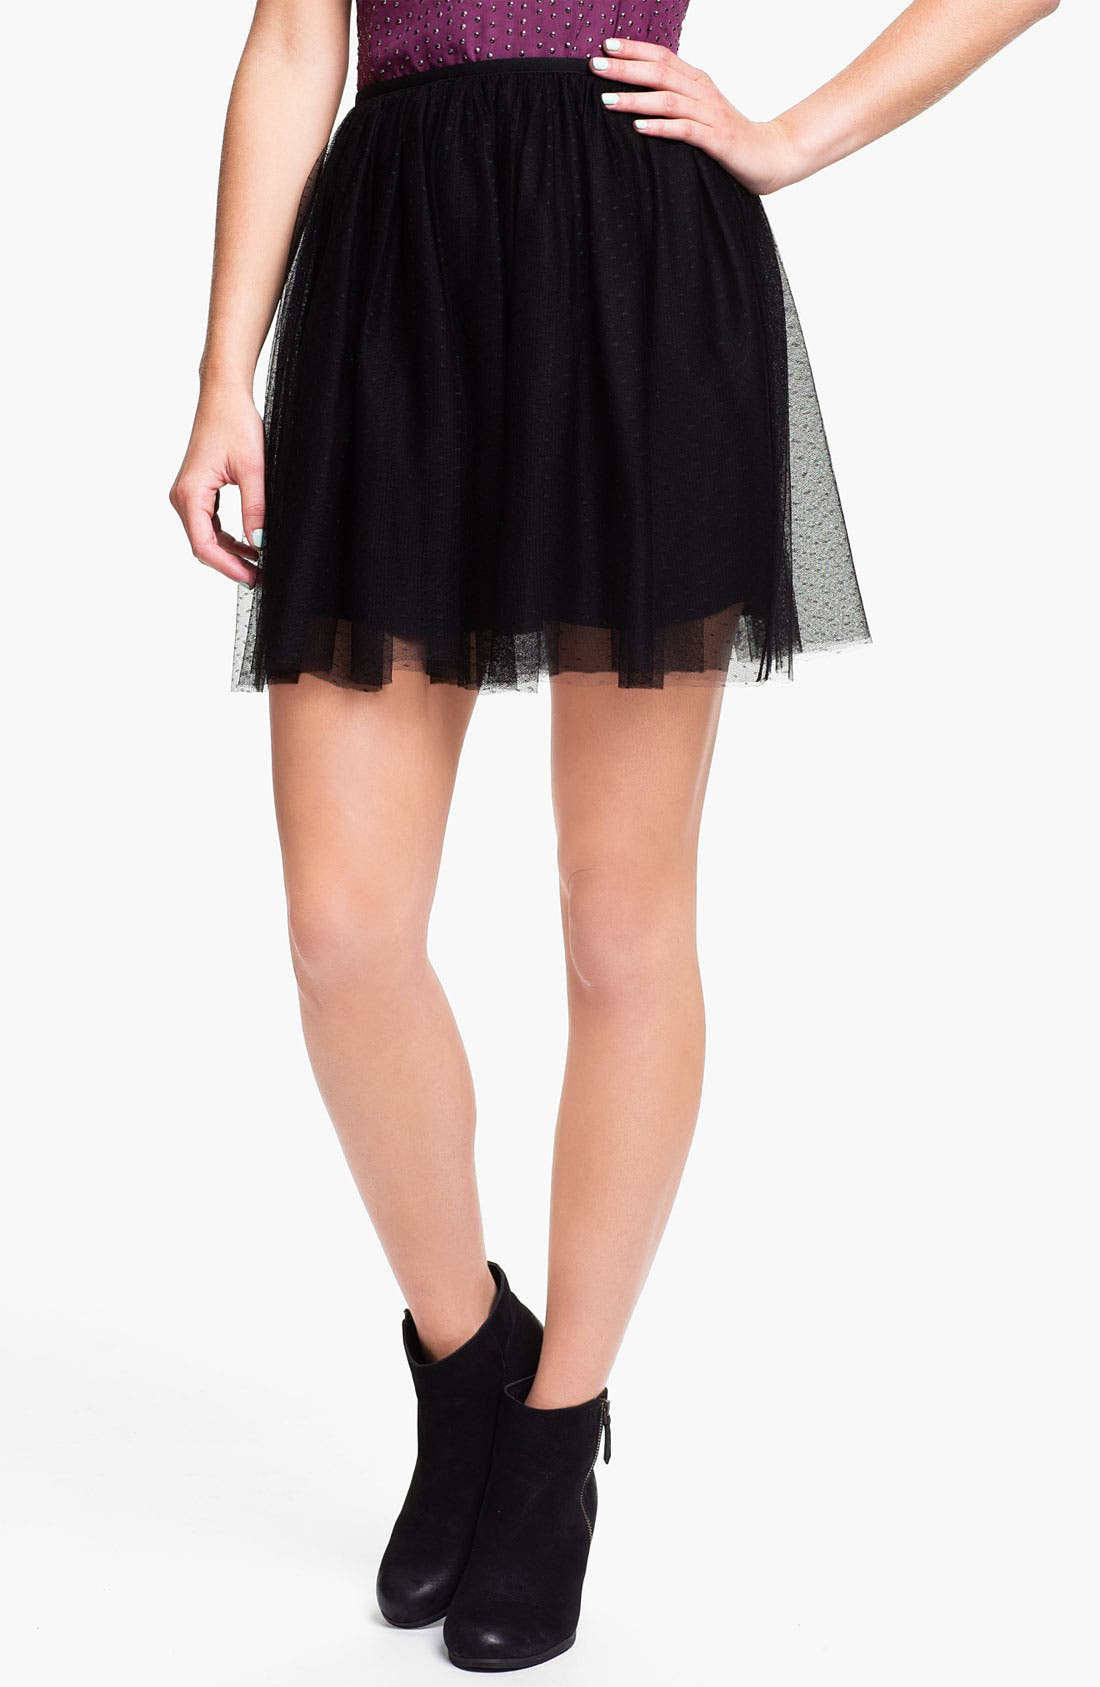 Alternate Image 1 Selected - Frenchi® Tulle Skirt (Juniors)